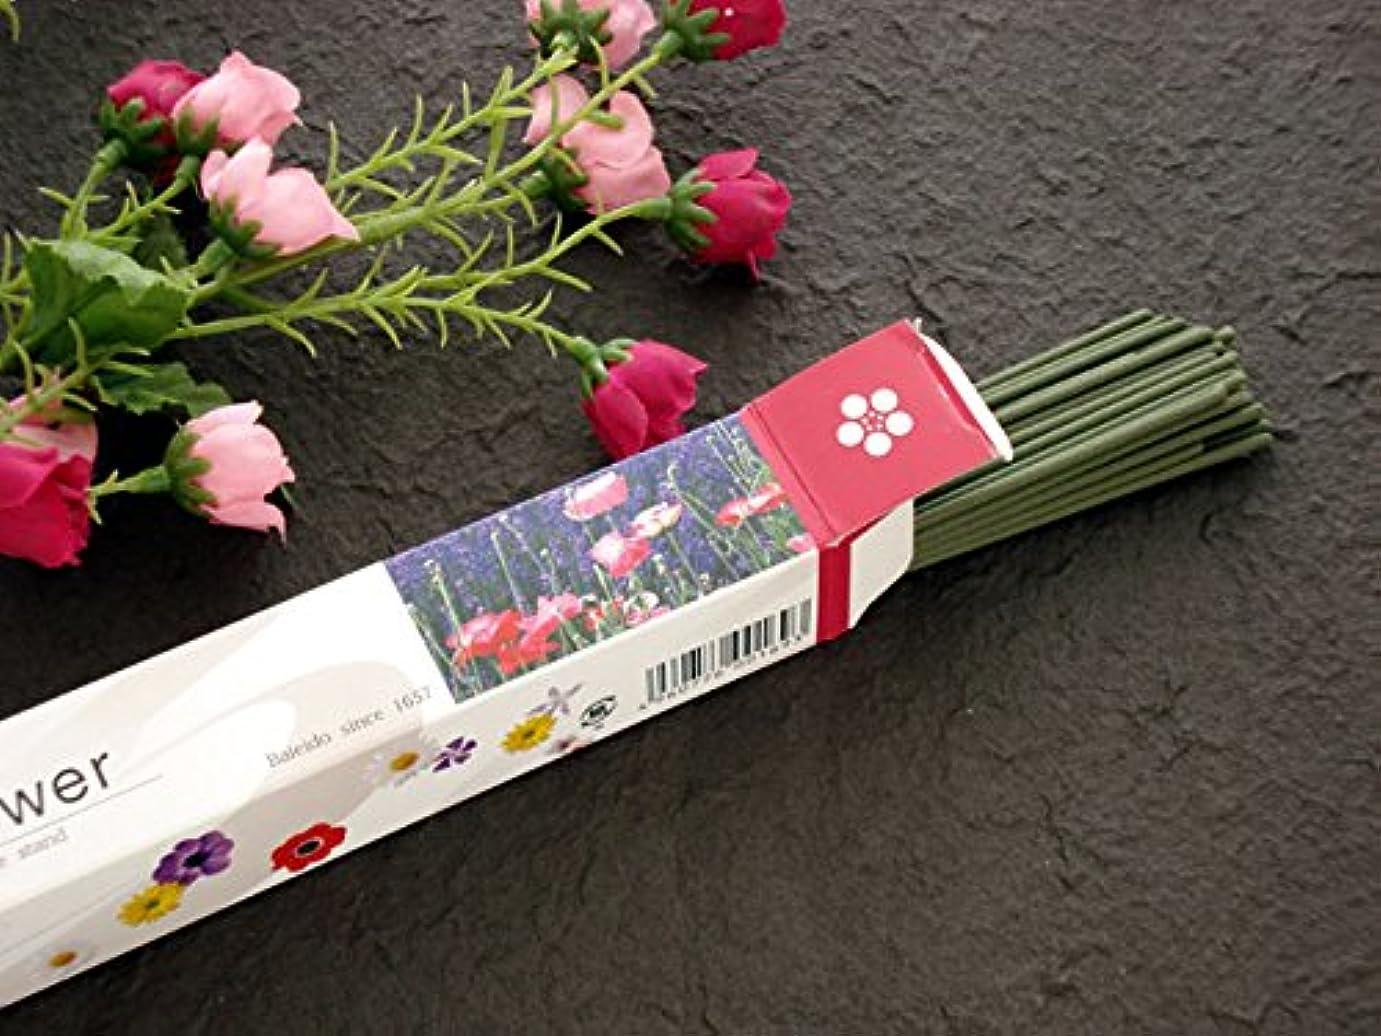 資本スクラップ通り抜ける梅栄堂のお香 Wild flower